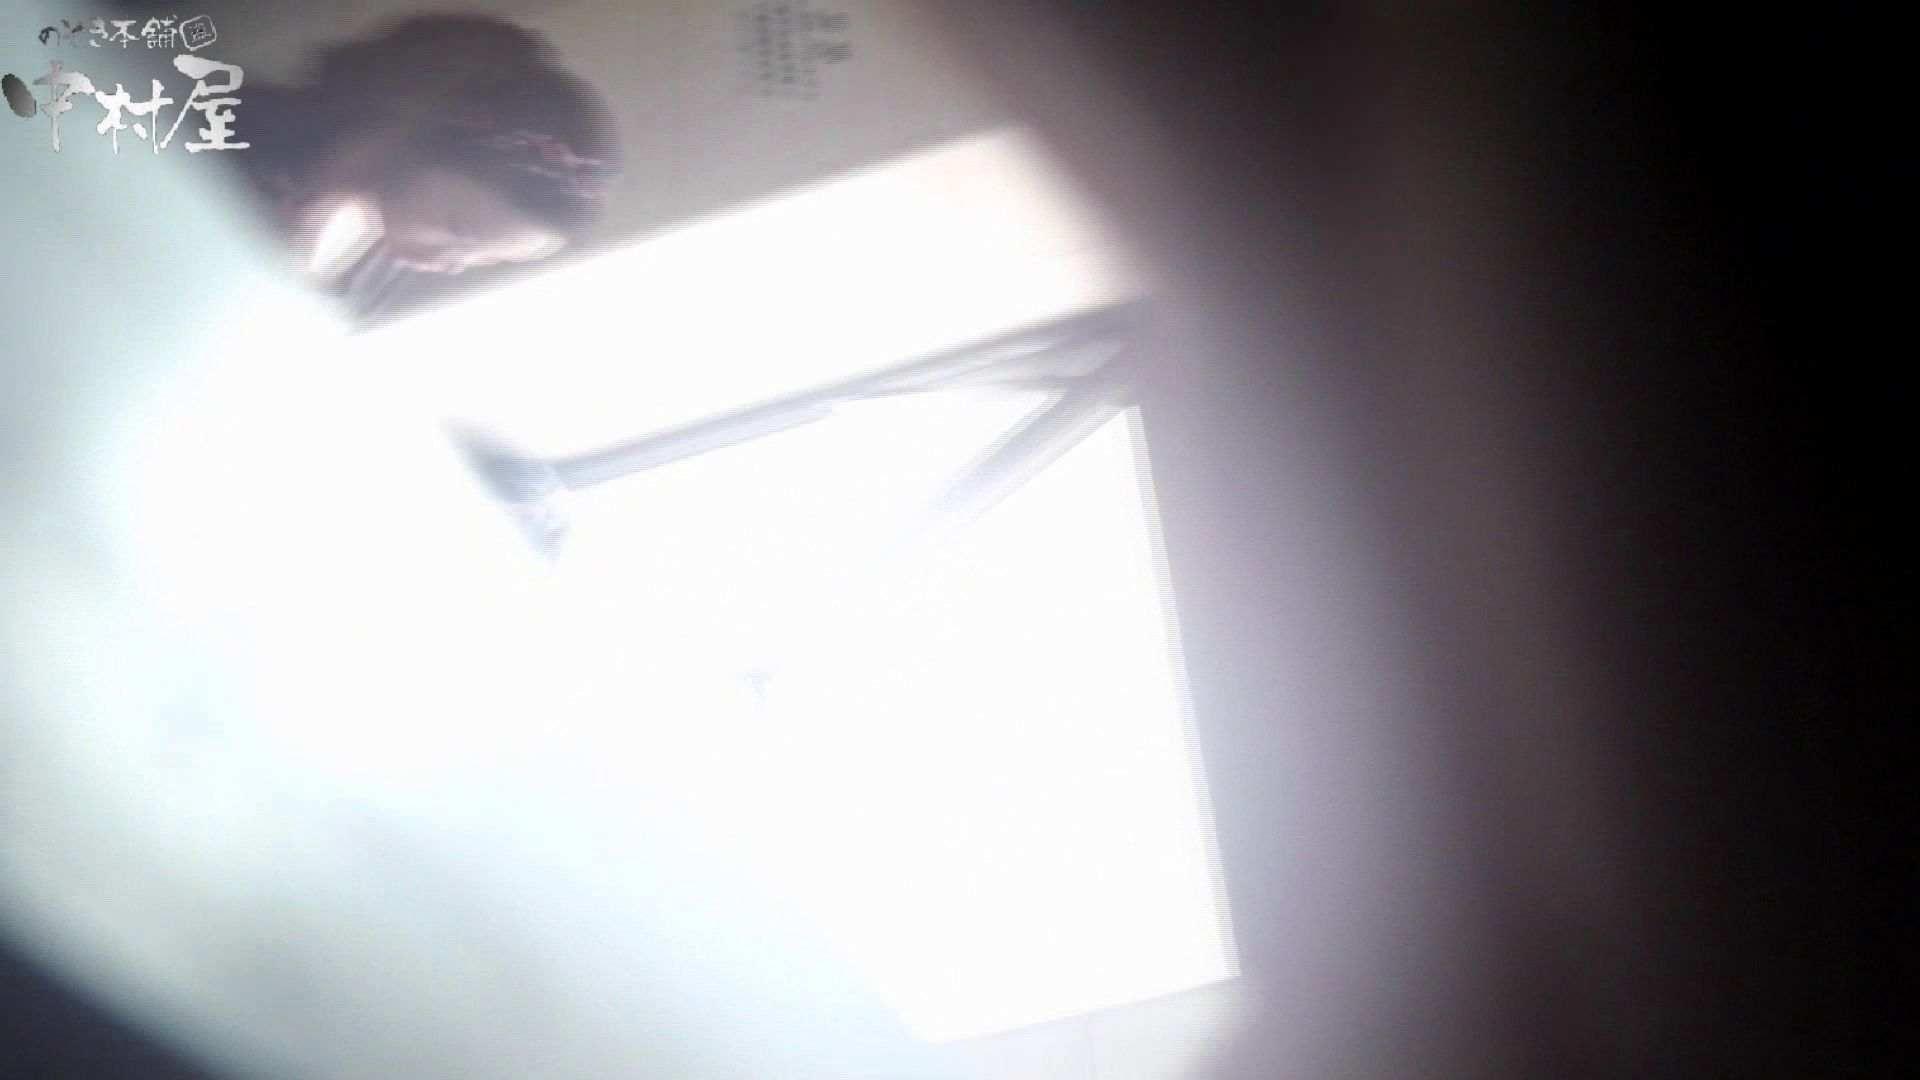 世界の射窓から~vol47 珍しい、毛からしたってくる聖水 OLエロ画像  113PICs 86